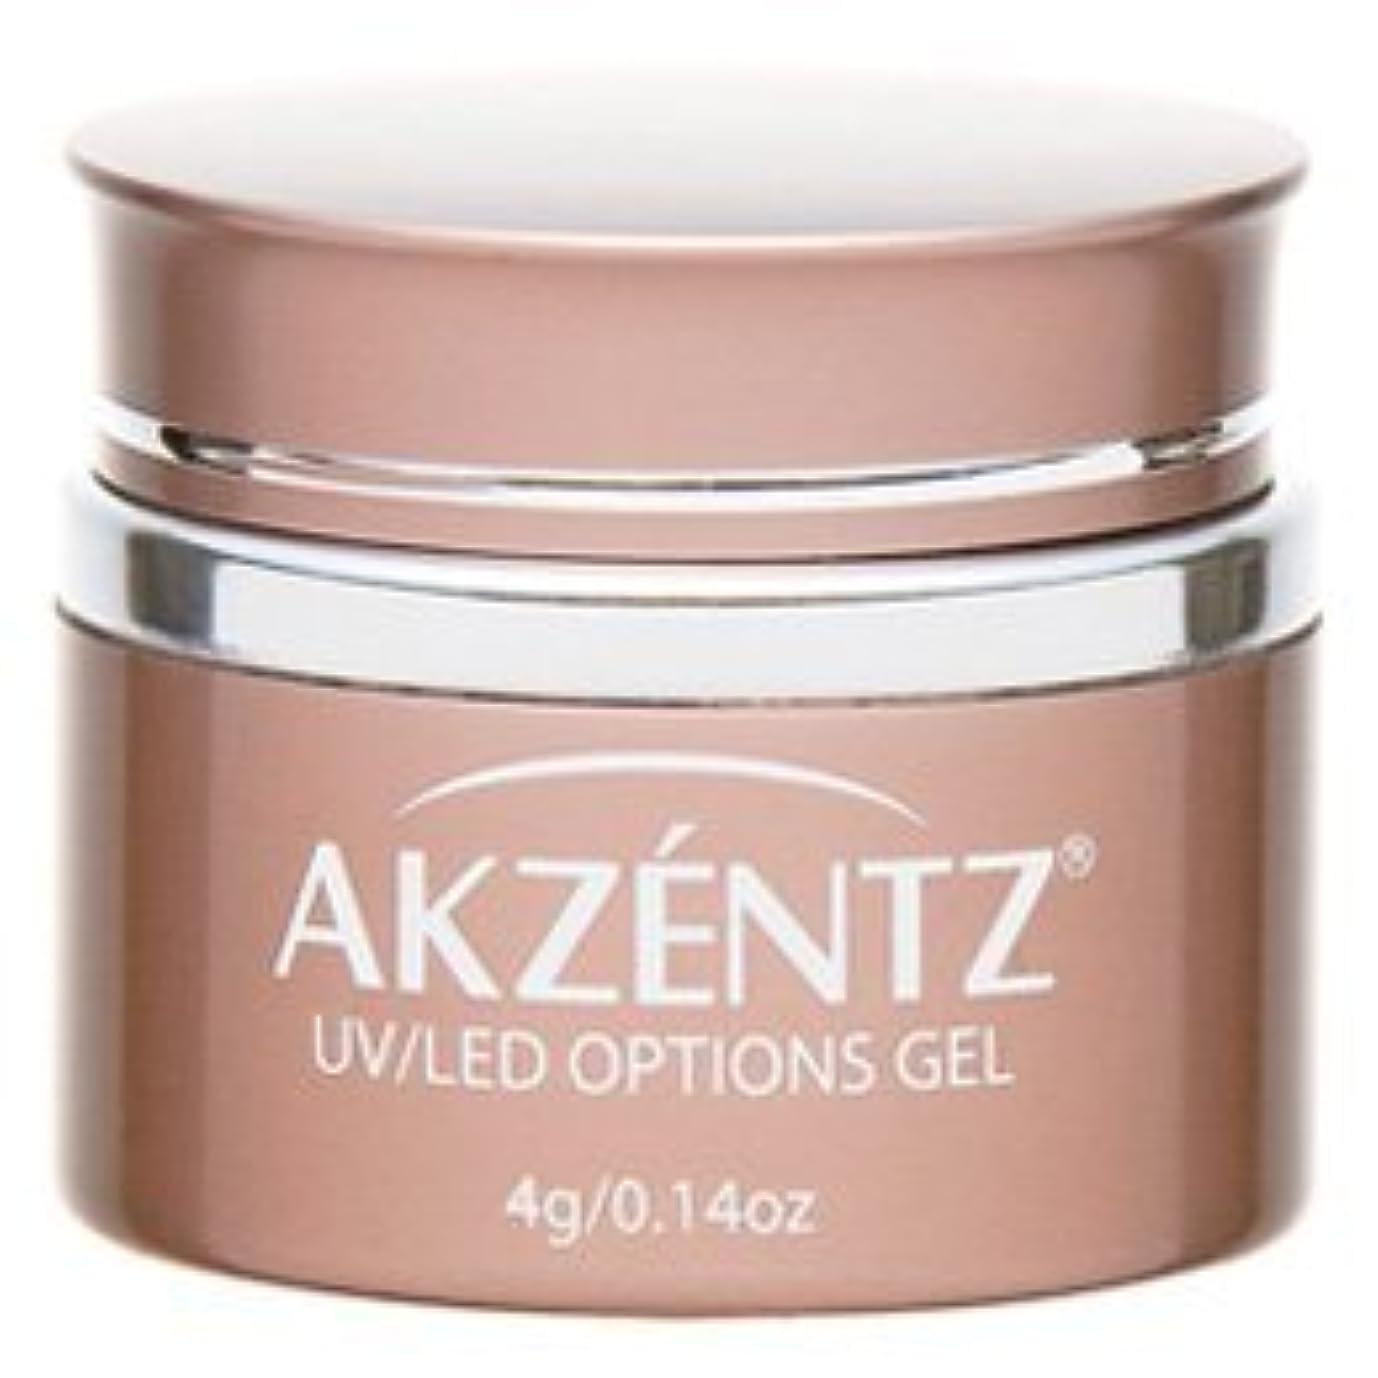 ソーセージみすぼらしい降臨AKZENTZ(アクセンツ) UV/LED オプションズ クリアジェル 4g